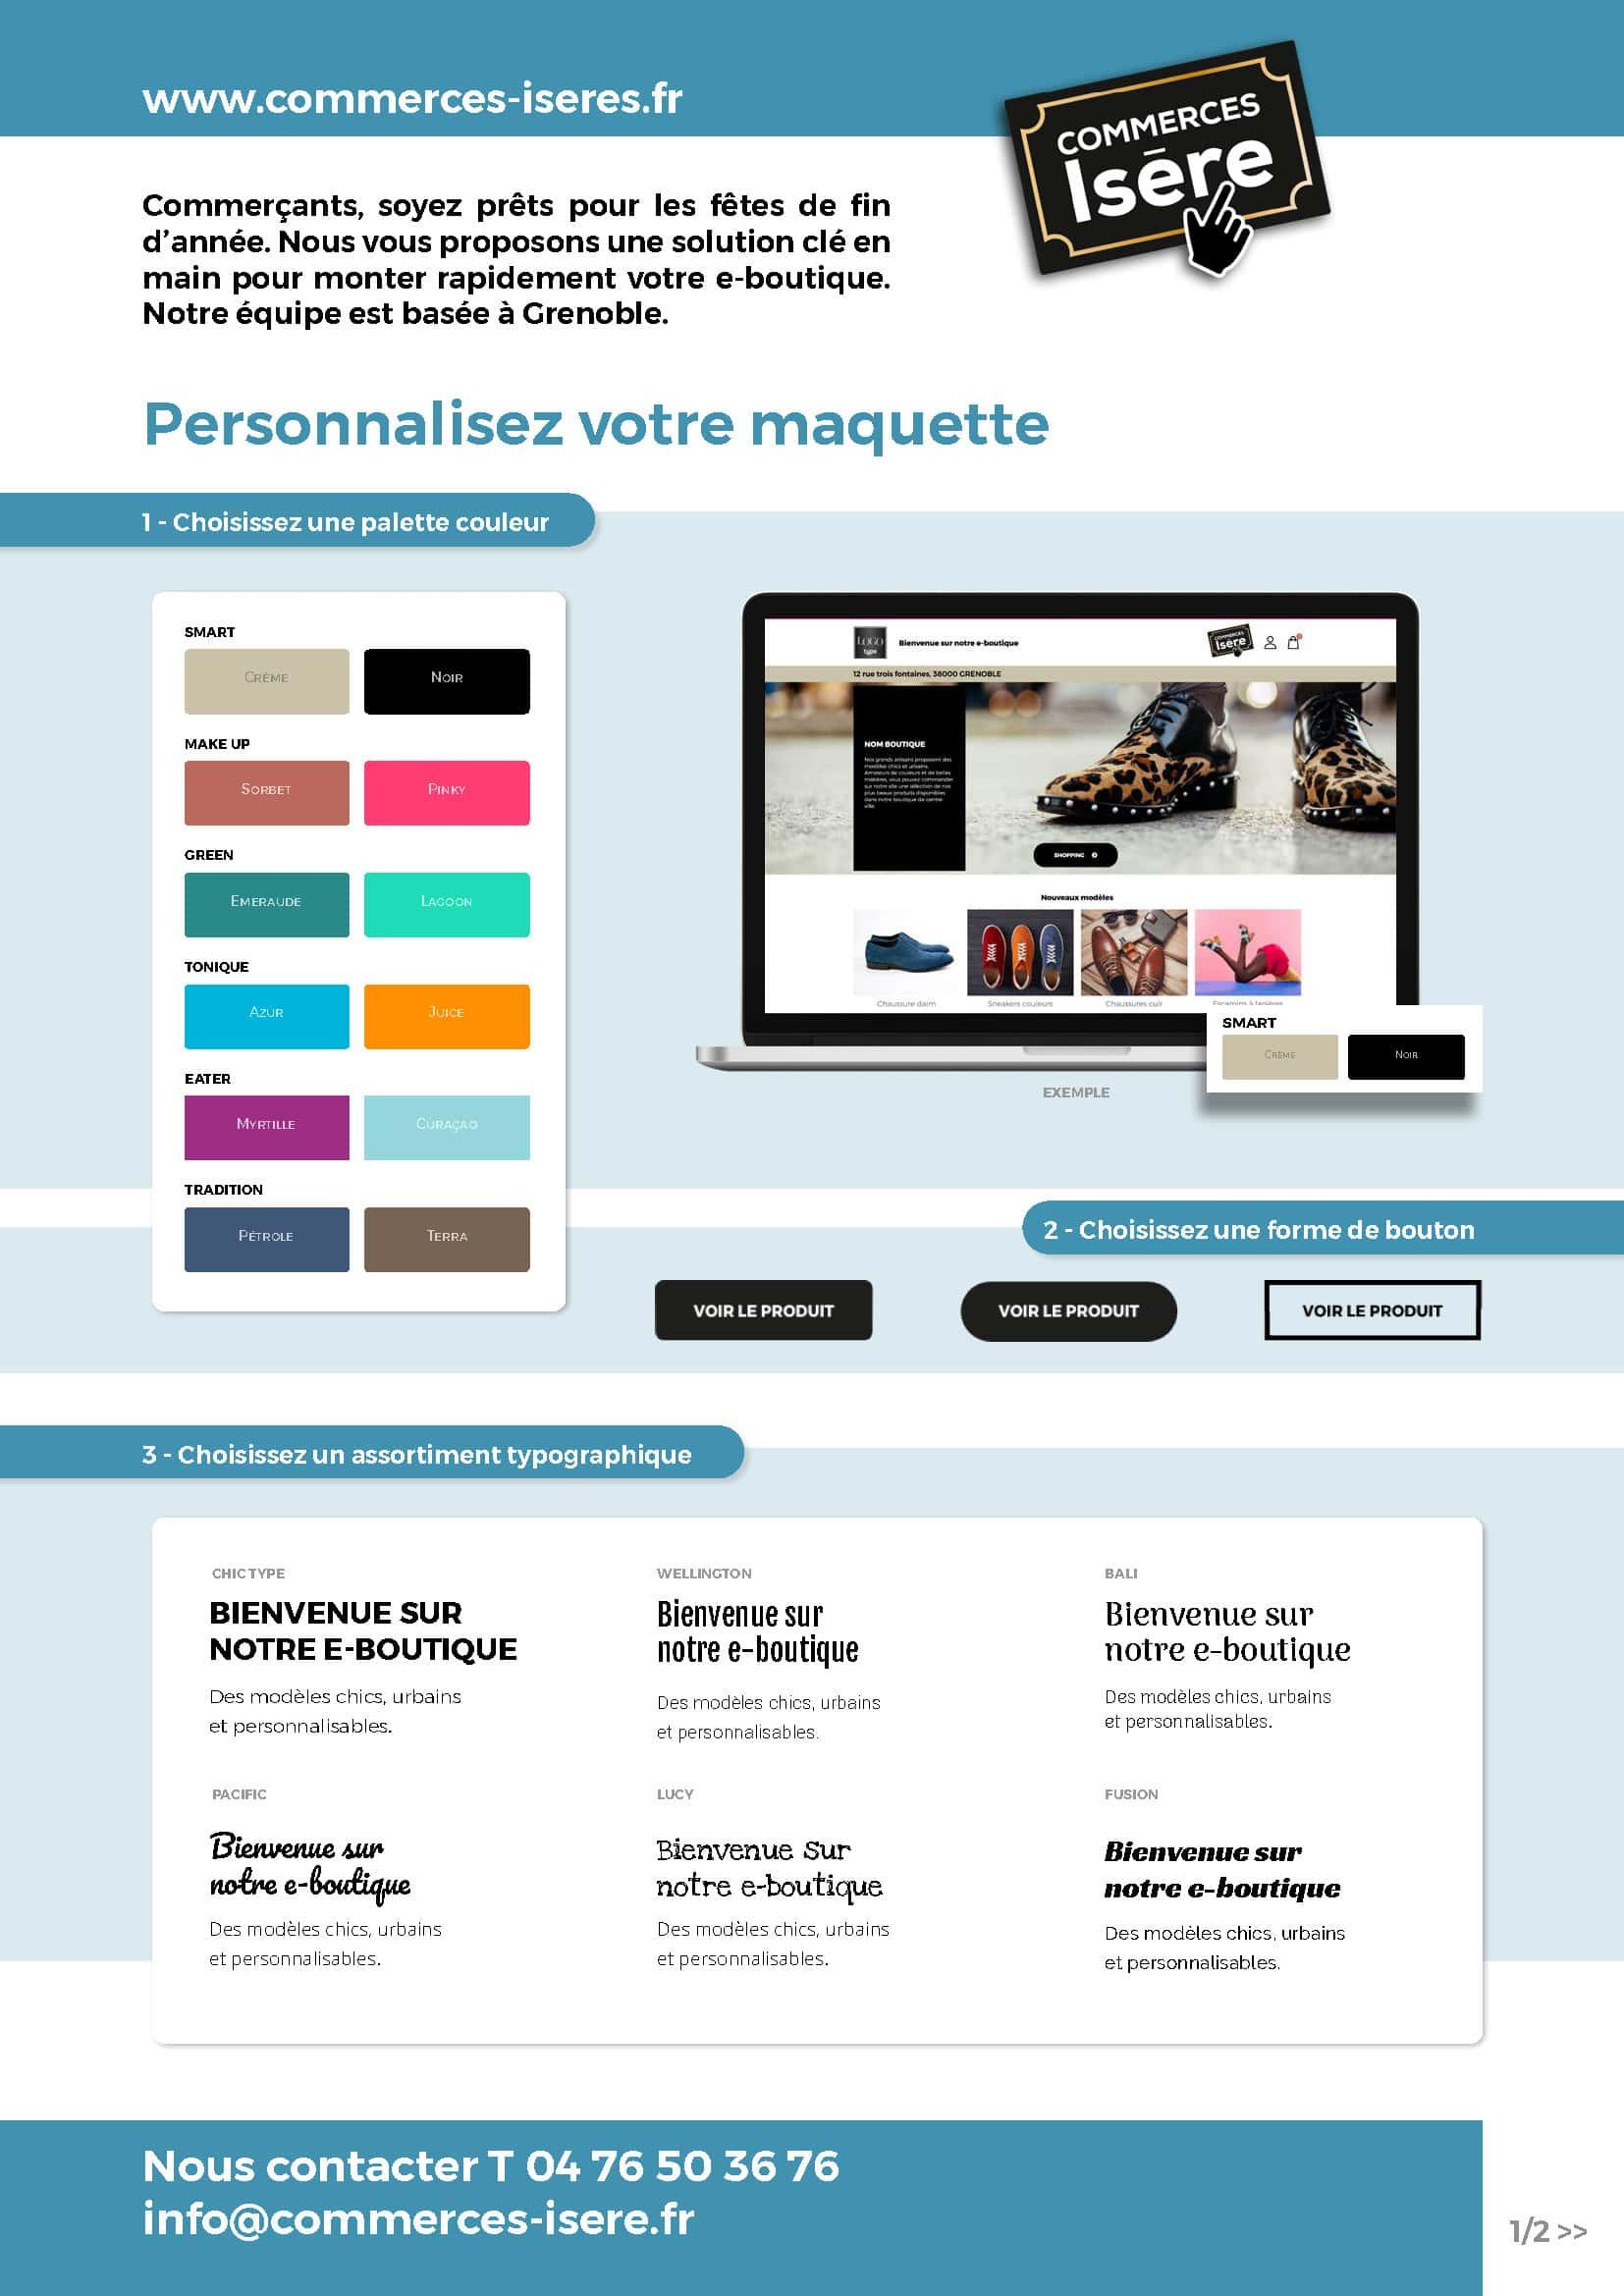 page 1 de la personnalisation du site click and collect